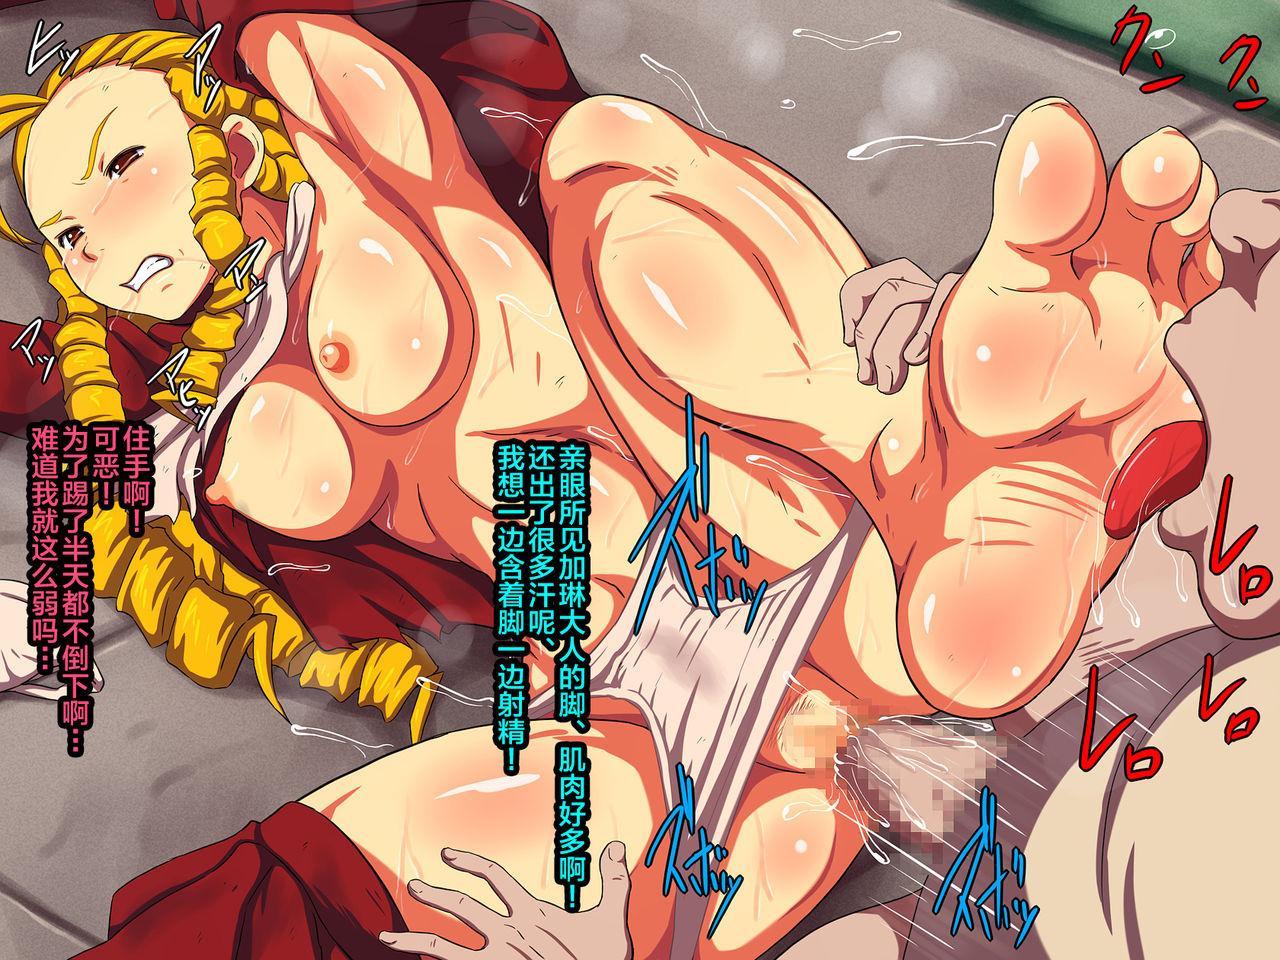 [L-u (Makura no Doushi)] Kegasareta Ojou-sama -Tights ni Shimiru Jiru- (Street Fighter) [Chinese] [新桥月白日语社] 151